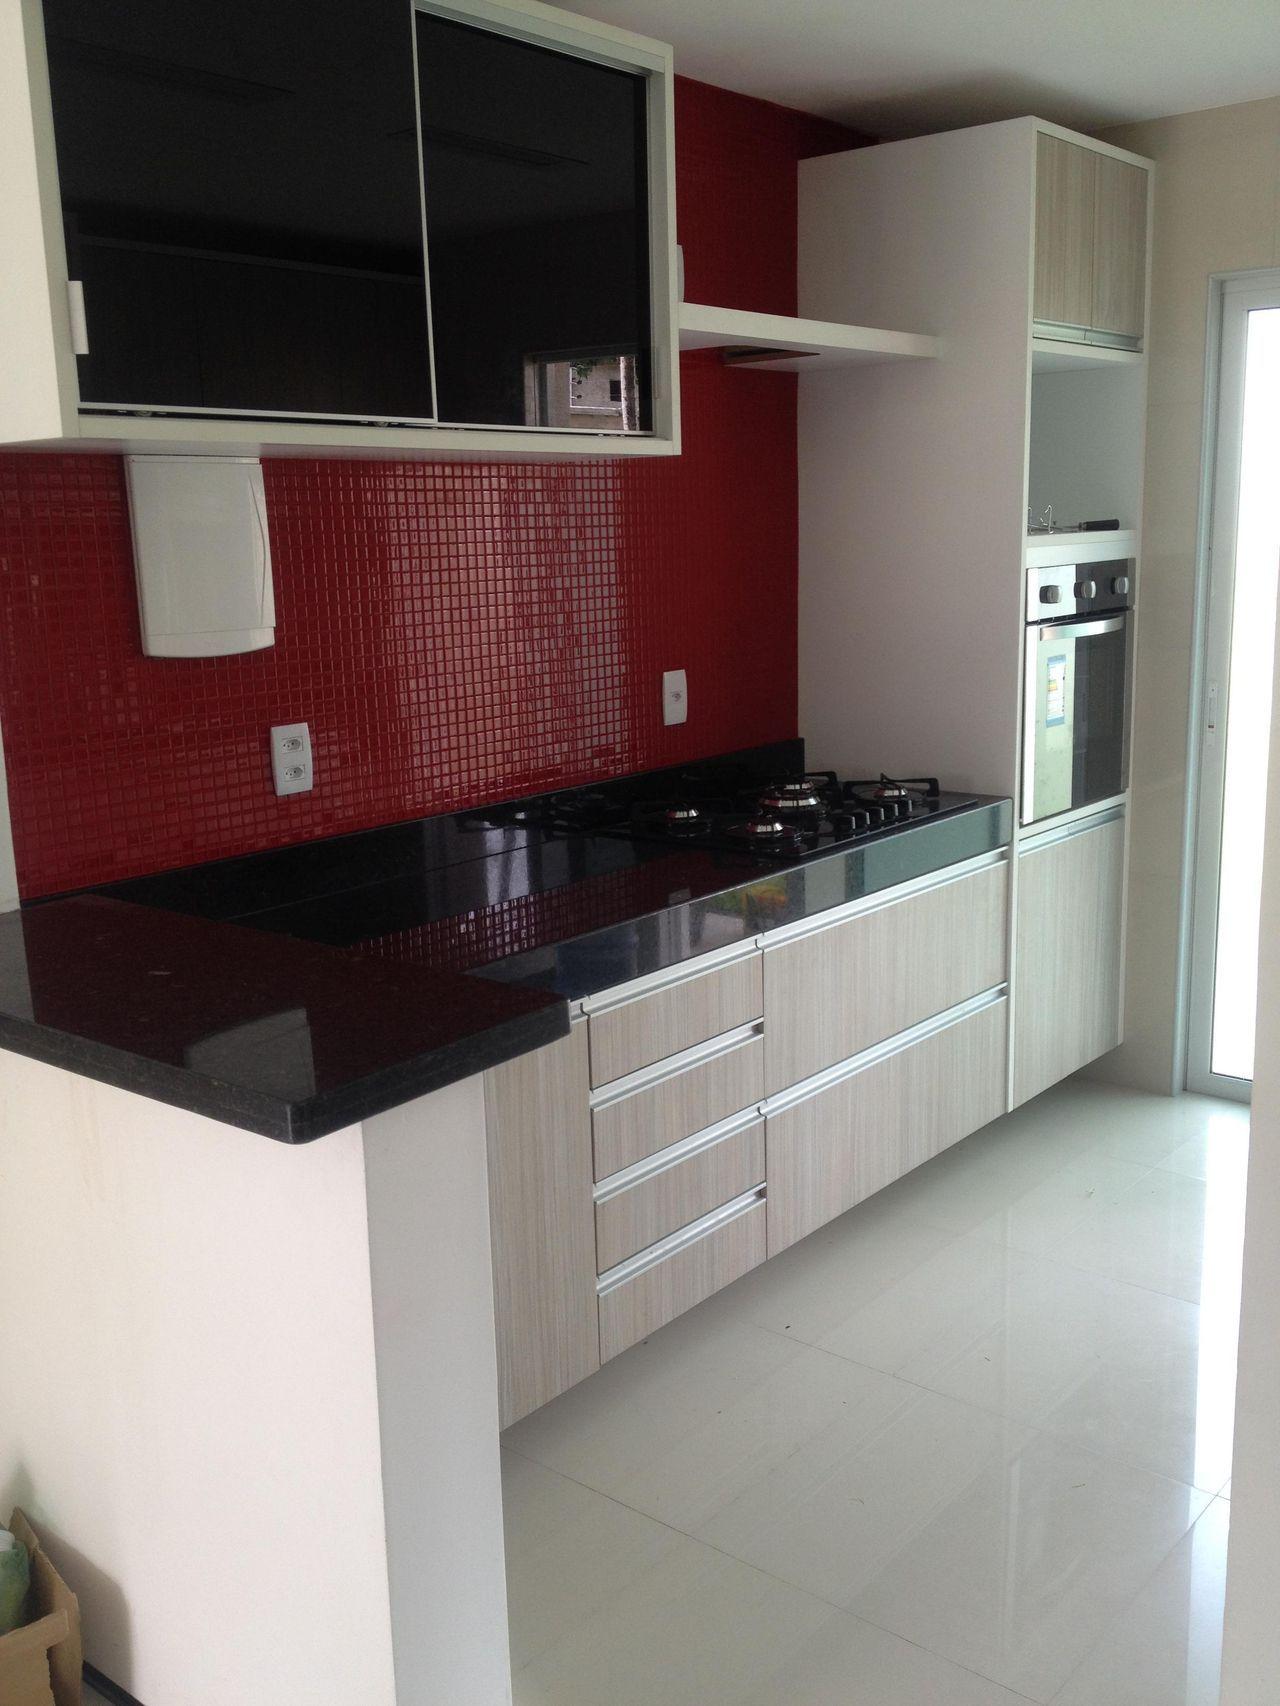 Cozinha Branca Preta E Vermelha Casa Pinterest House